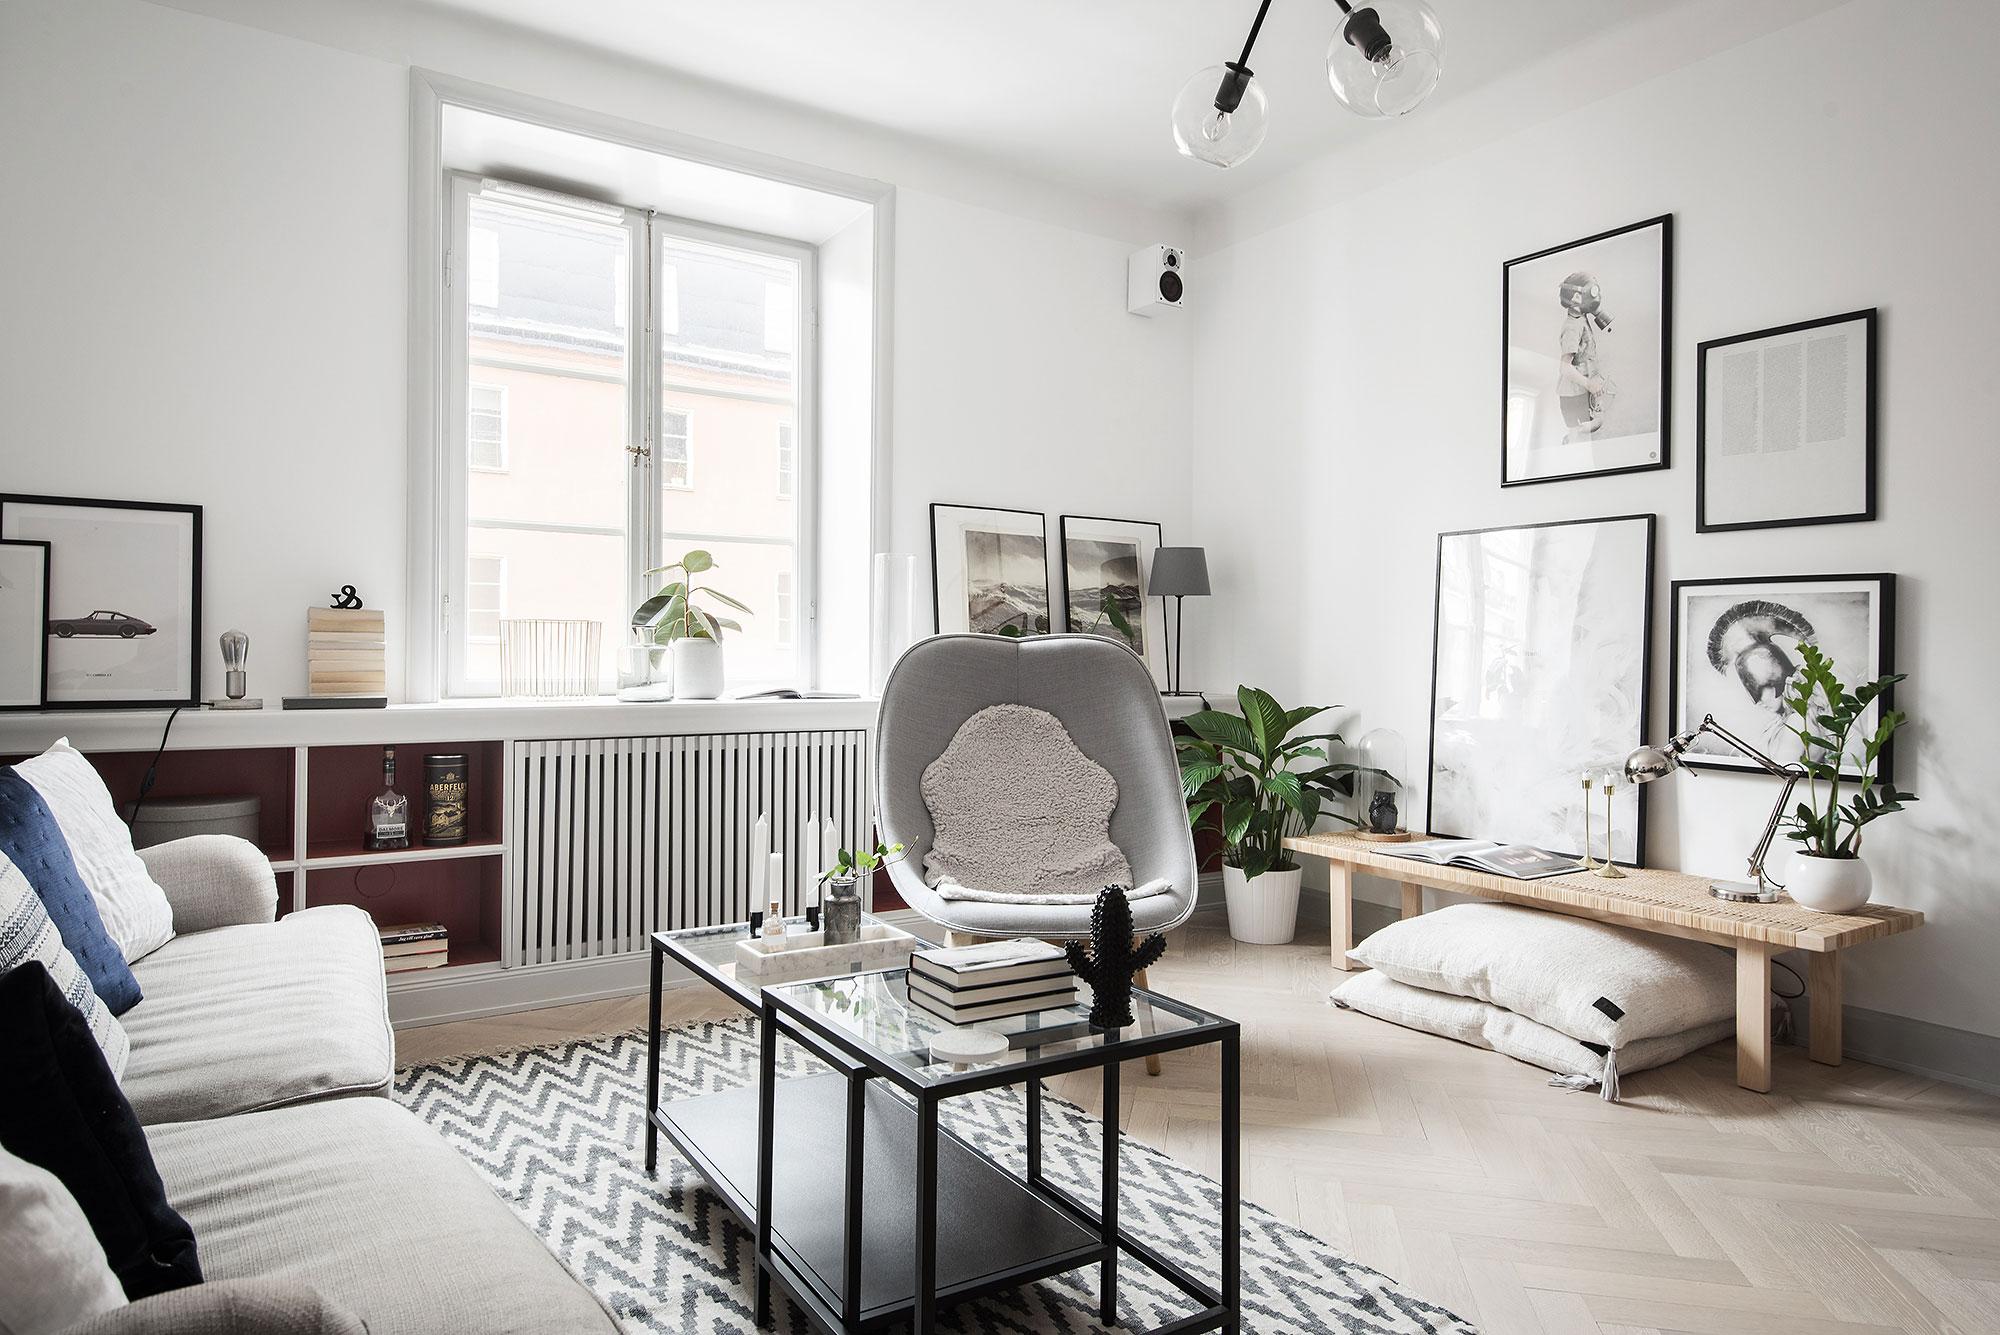 In deze leuke woonkamer hebben ze een mooie radiatorombouw vensterbank gemaakt!